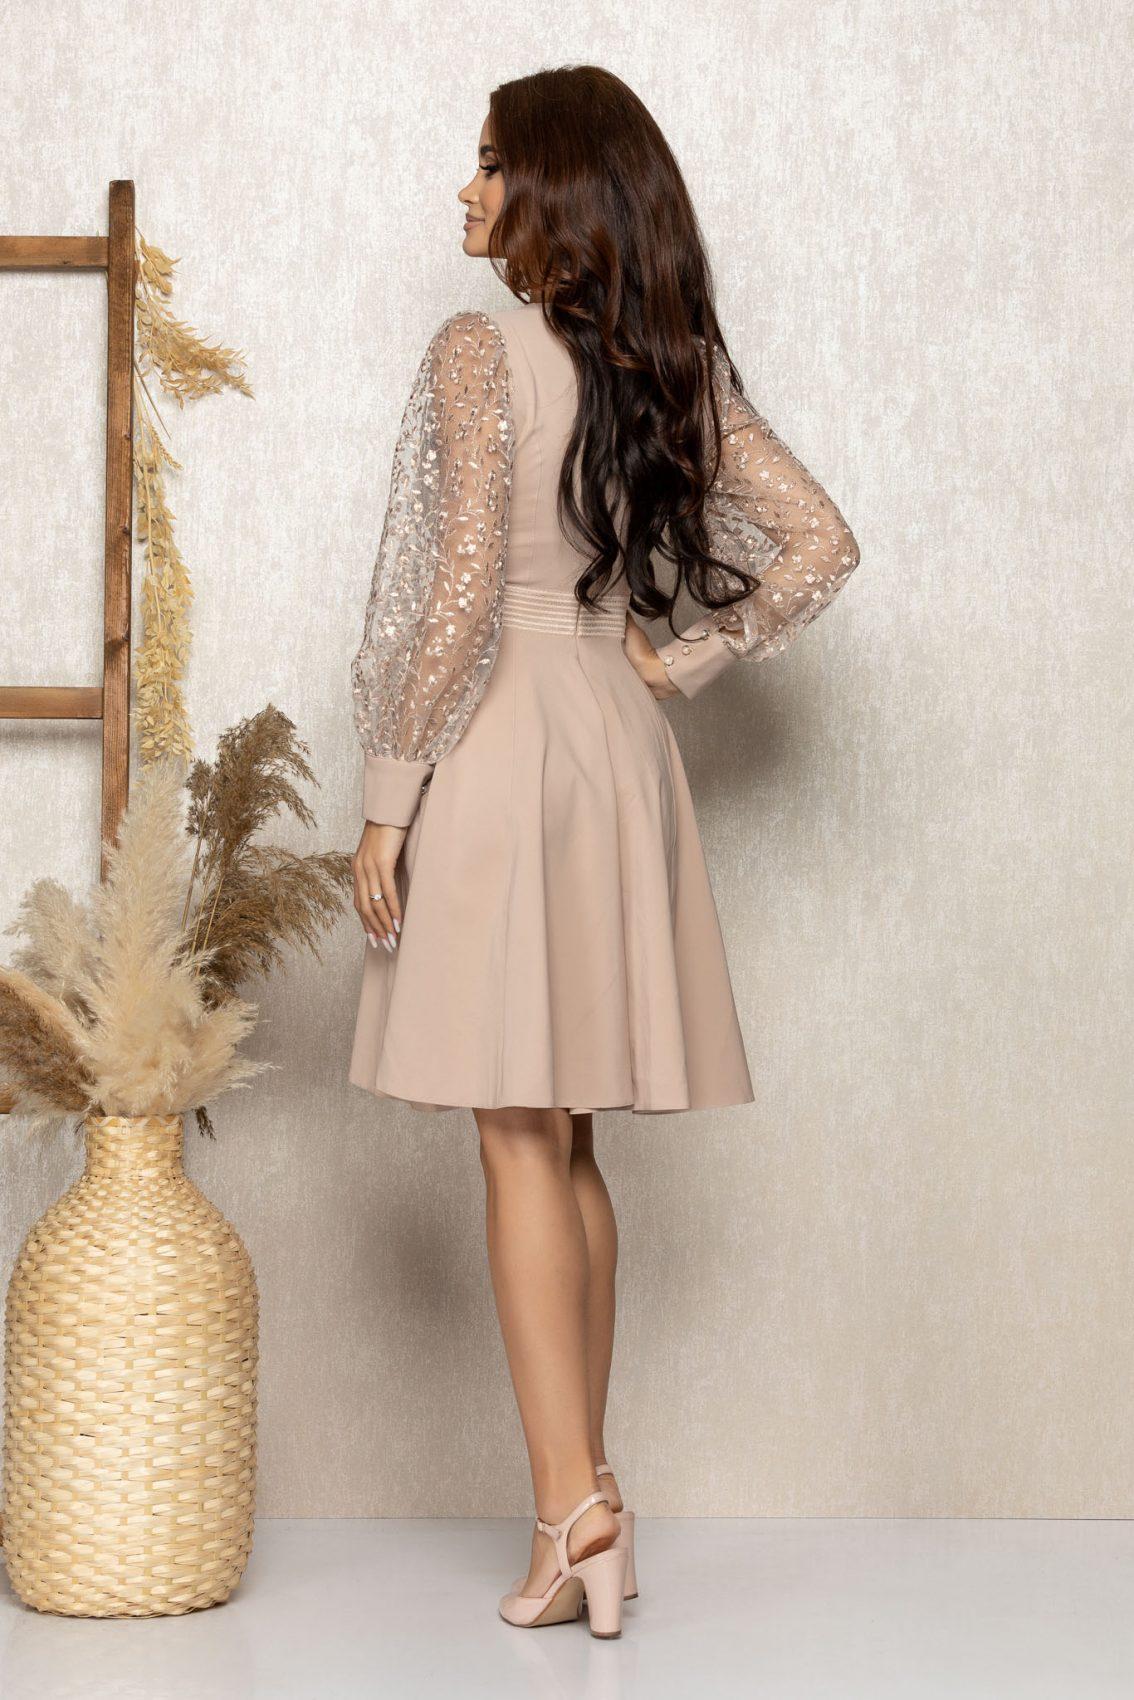 Μπεζ Βραδινό Φόρεμα Με Διαφανές Μανίκια Hilary T311 2